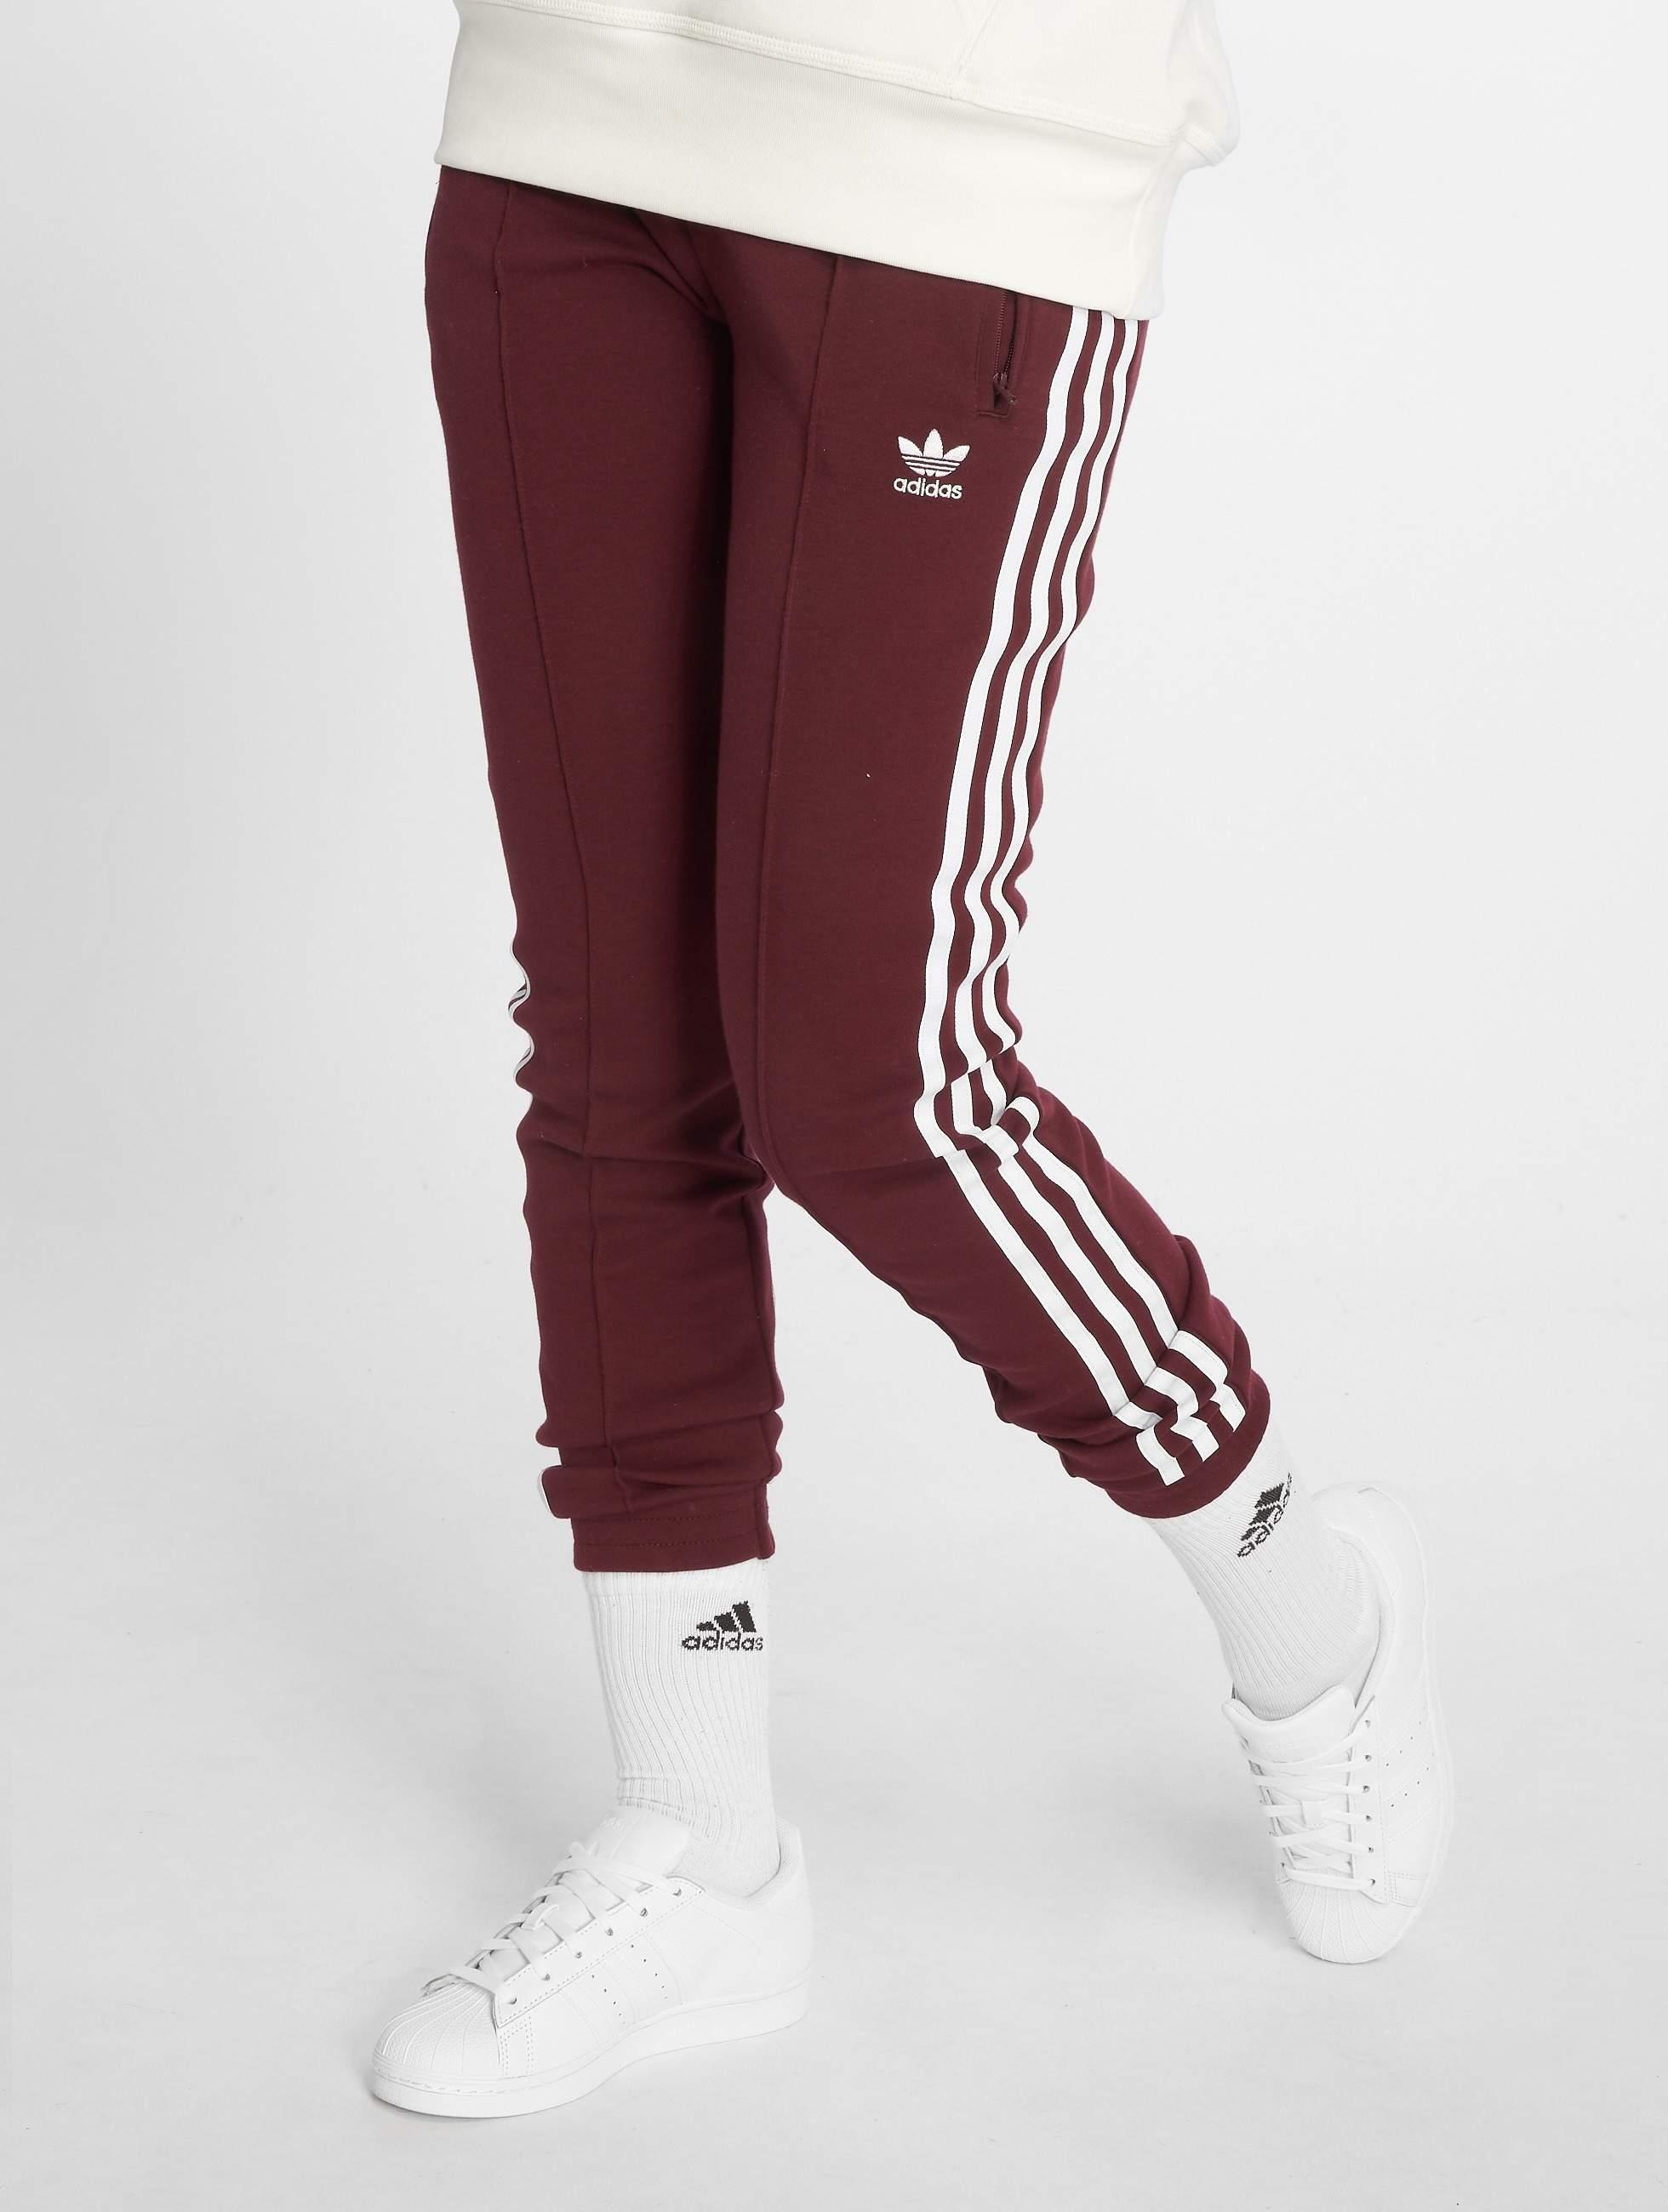 Adidas Originals Clrdo Sst Tp Sweatpants Maroon